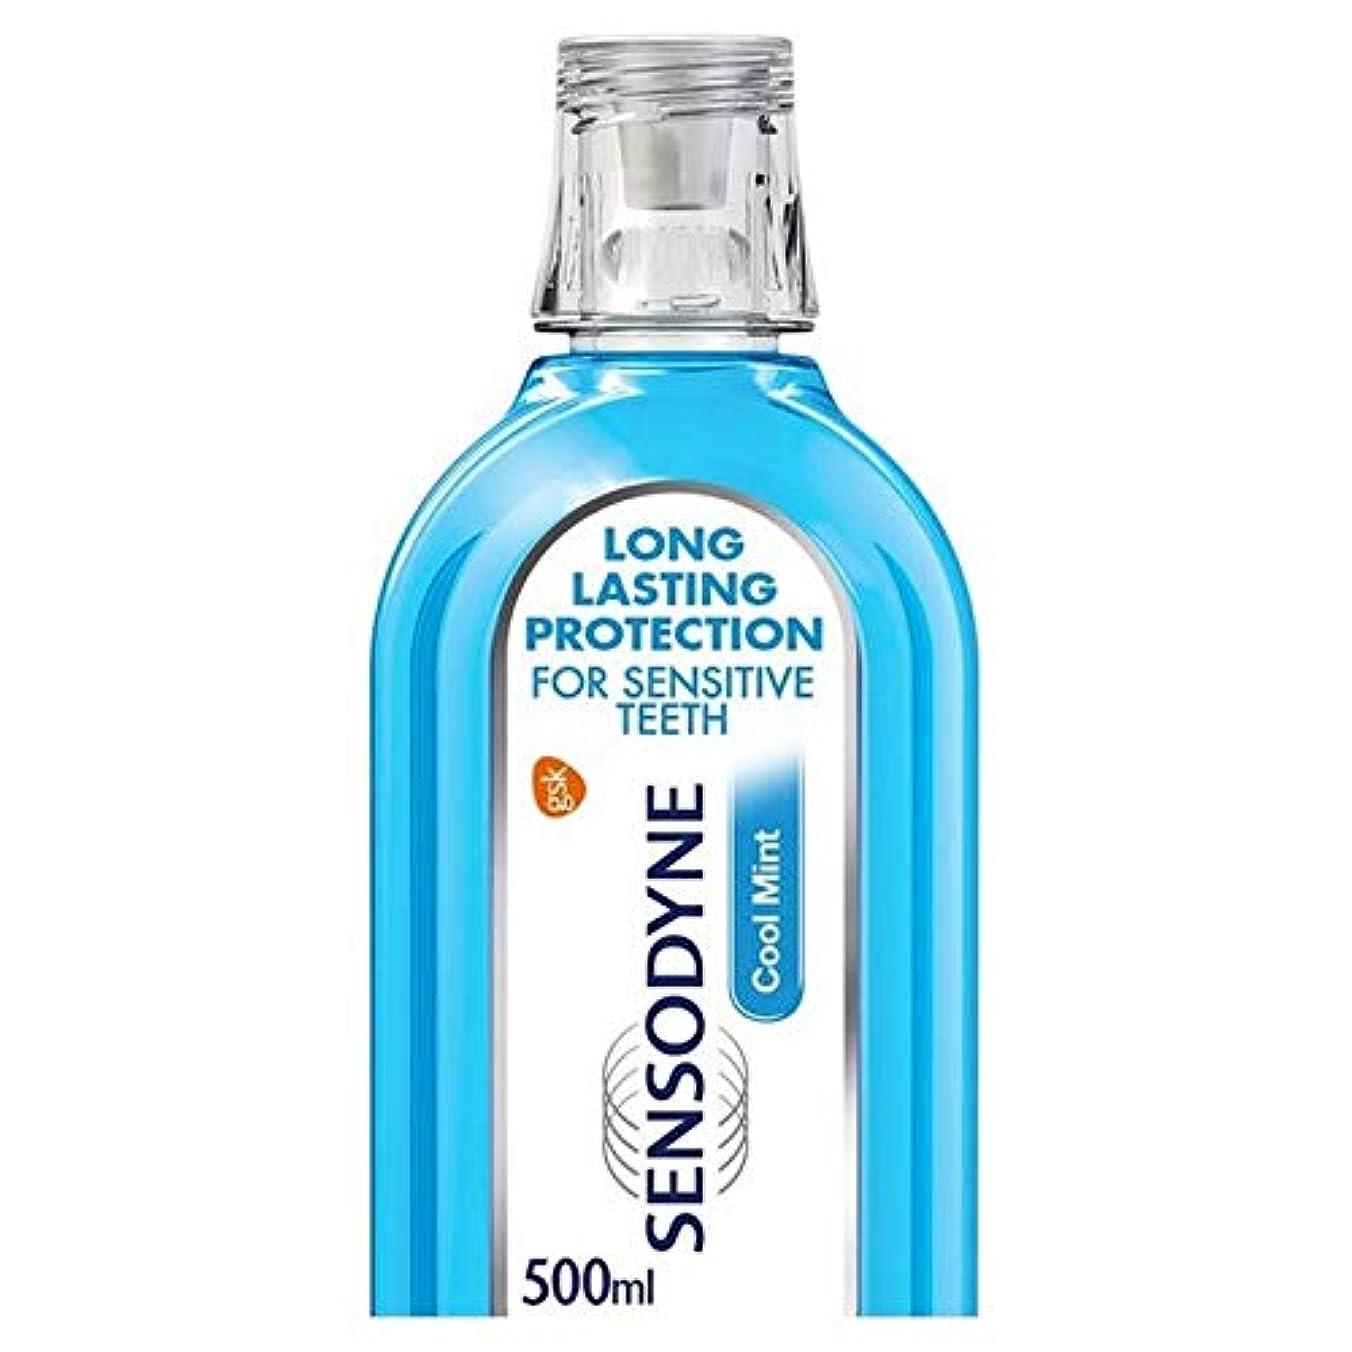 暫定のオアシスプレート[Sensodyne] Sensodyneクールミント敏感ケアマウスウォッシュ500ミリリットル - Sensodyne Cool Mint Sensitive Care Mouthwash 500ml [並行輸入品]